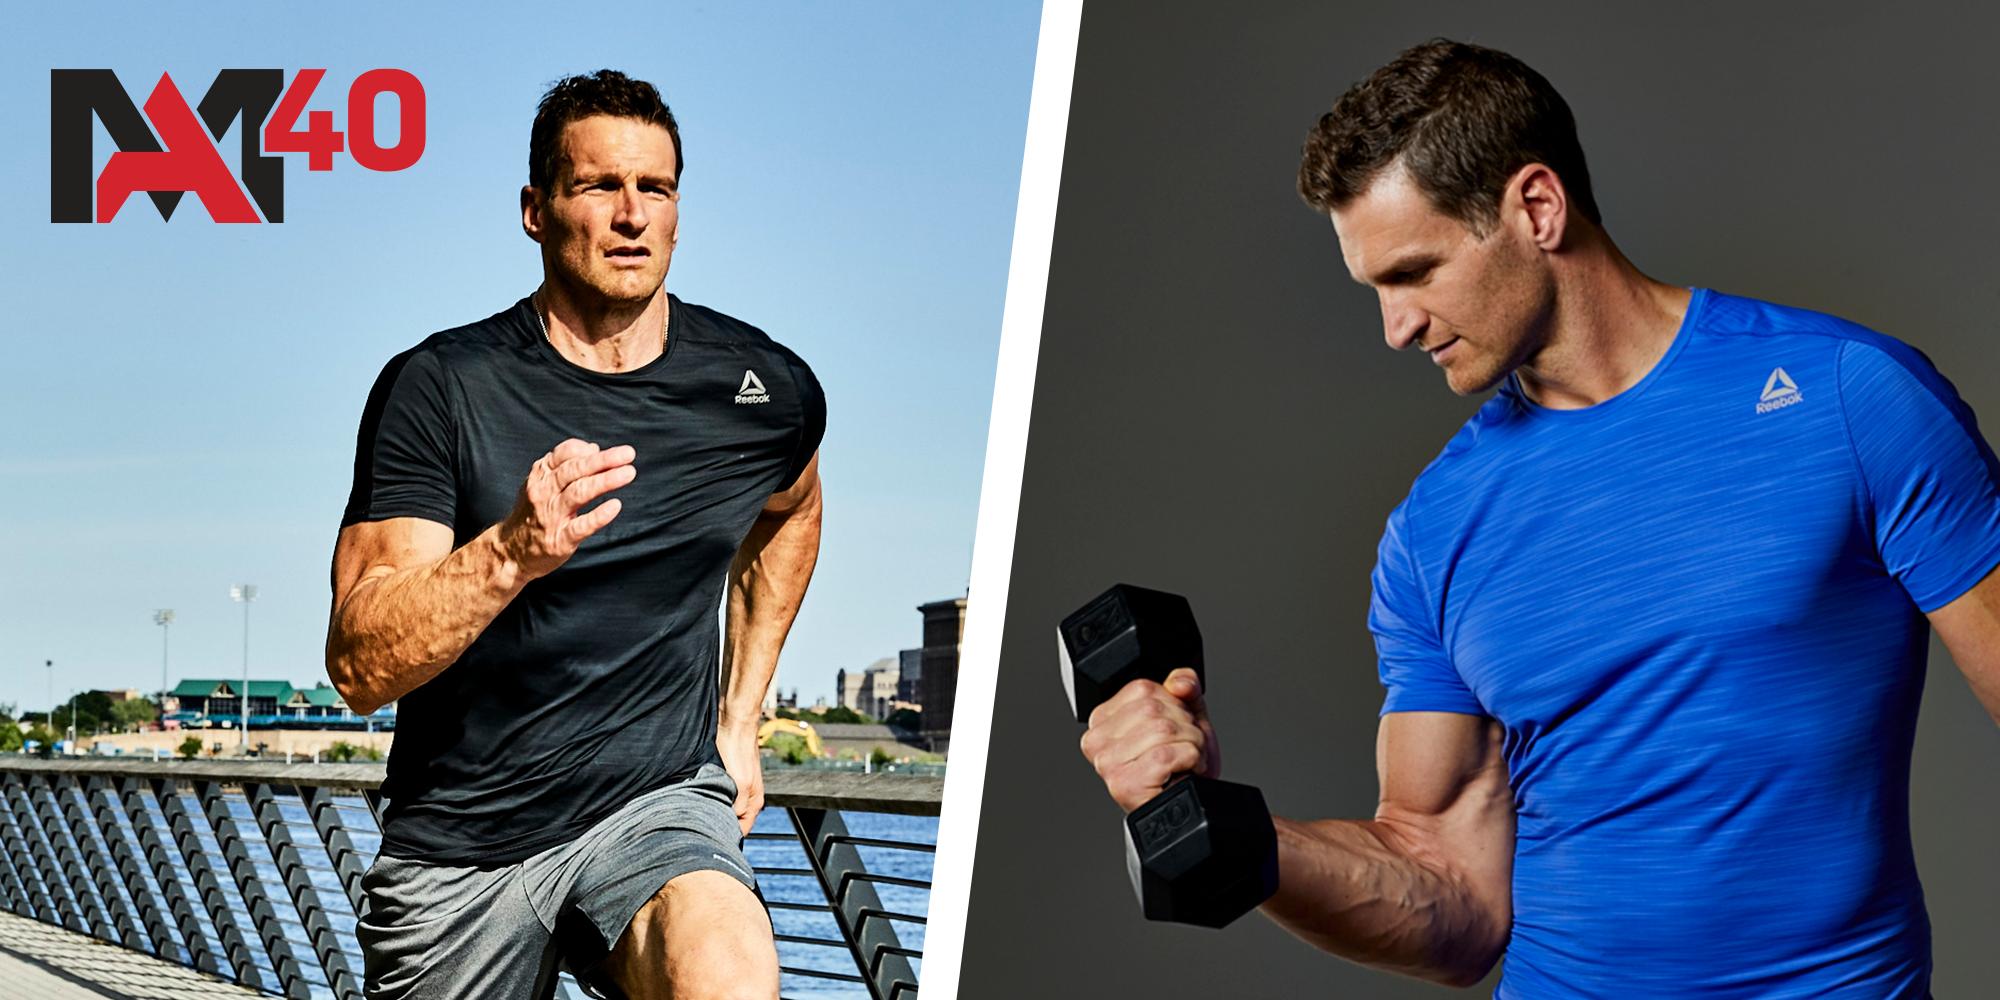 Best dating websites for over 40 men workout plan